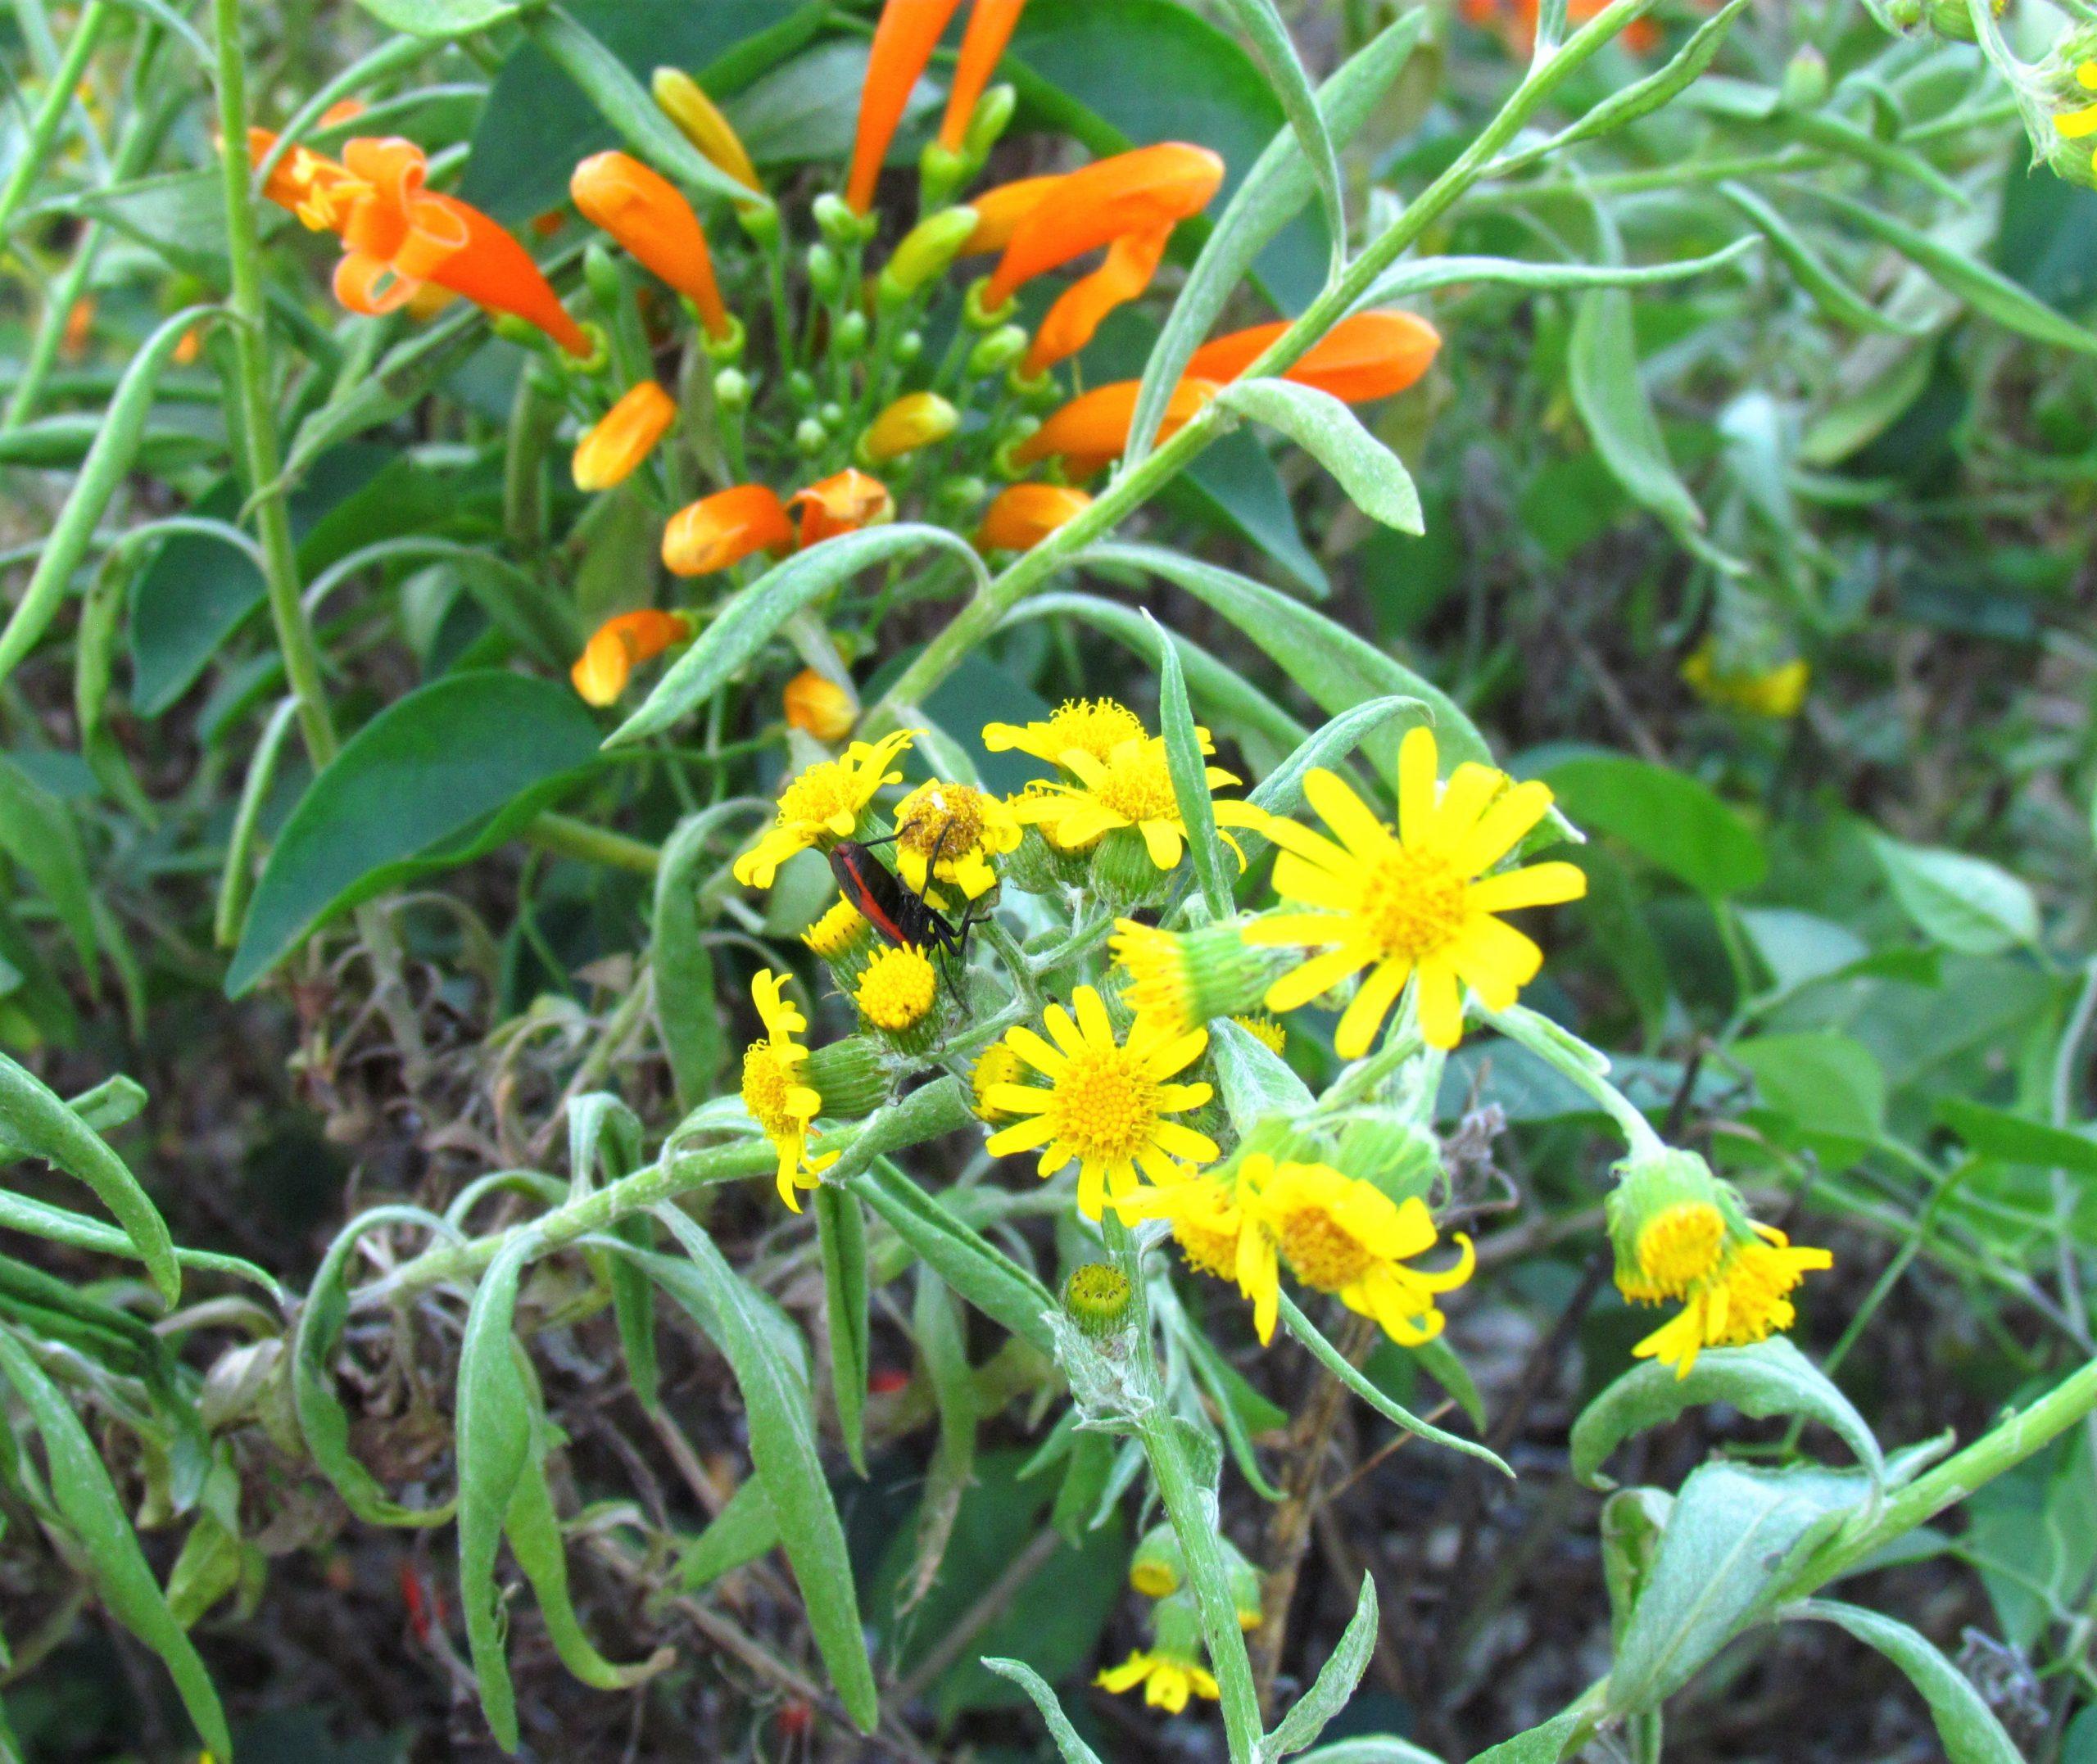 Agosto poty (Senecio grisebachii). De origen nativo. Su floración amarilla al final del invierno no pasa desapercibida en los campos naturales del país. Foto: Rebeca Irala.